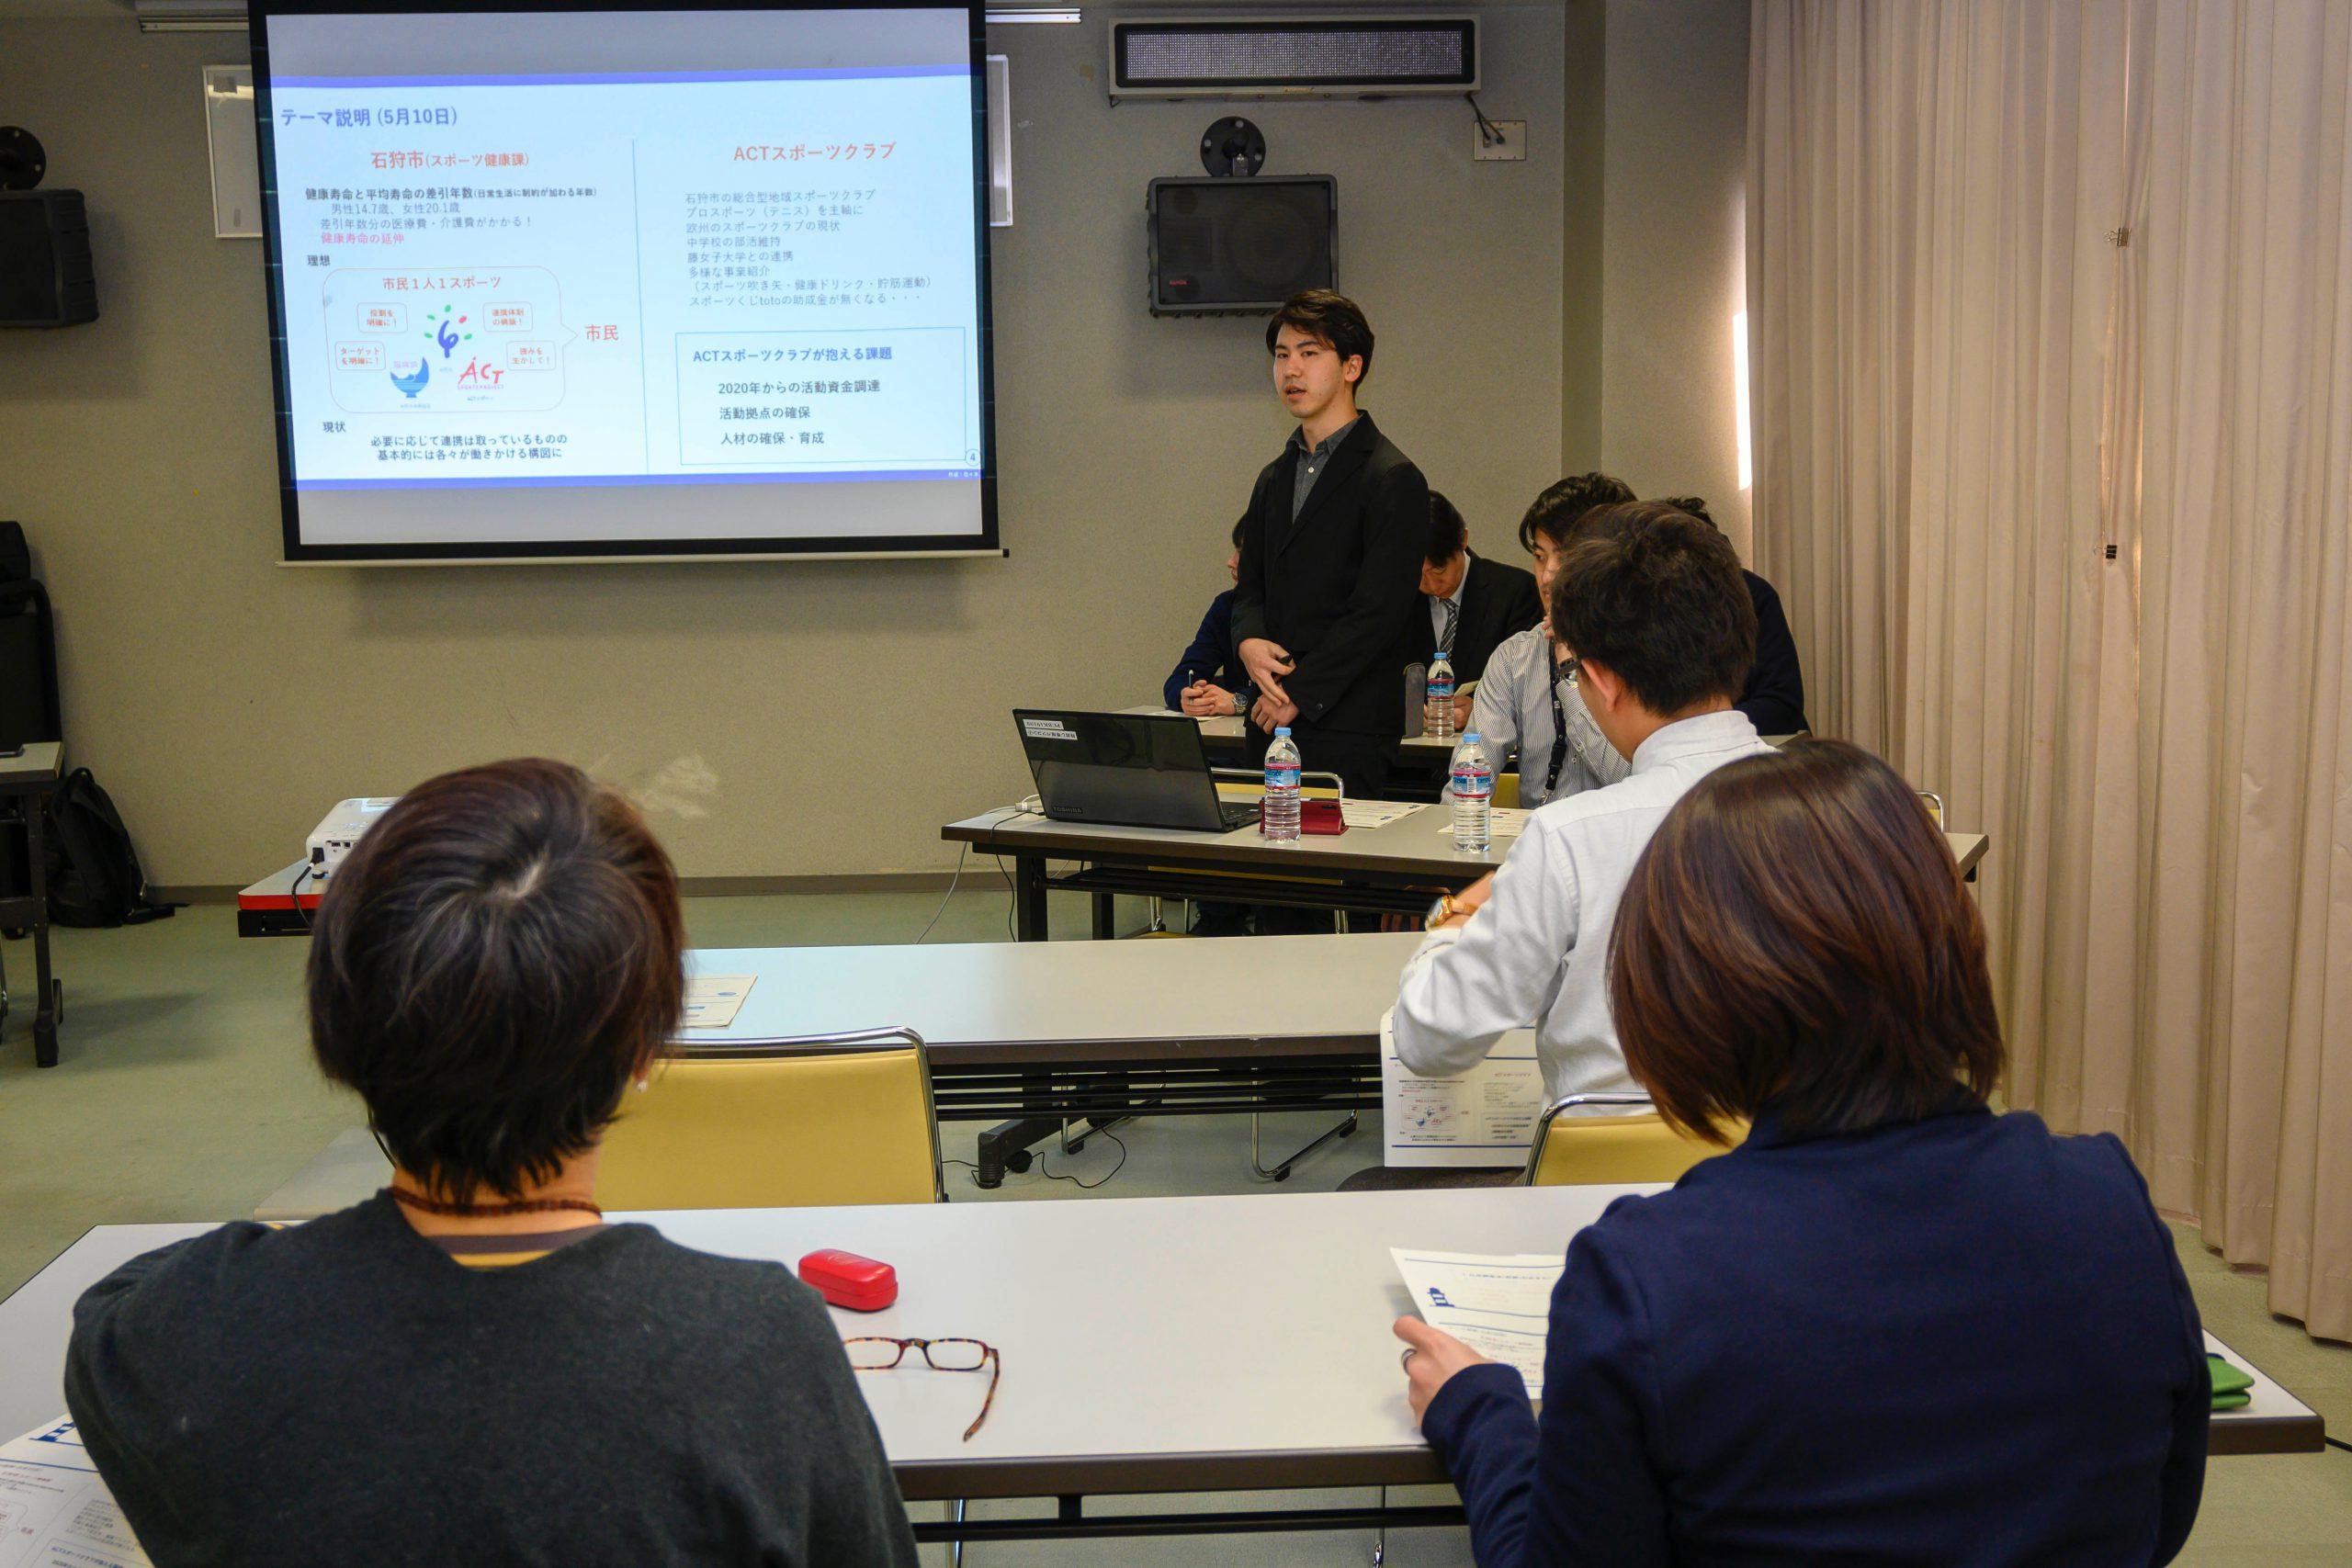 訪問先 :石狩市役所りんくる<br /> 関連科目:政策討議演習<br />      Policy Discussion